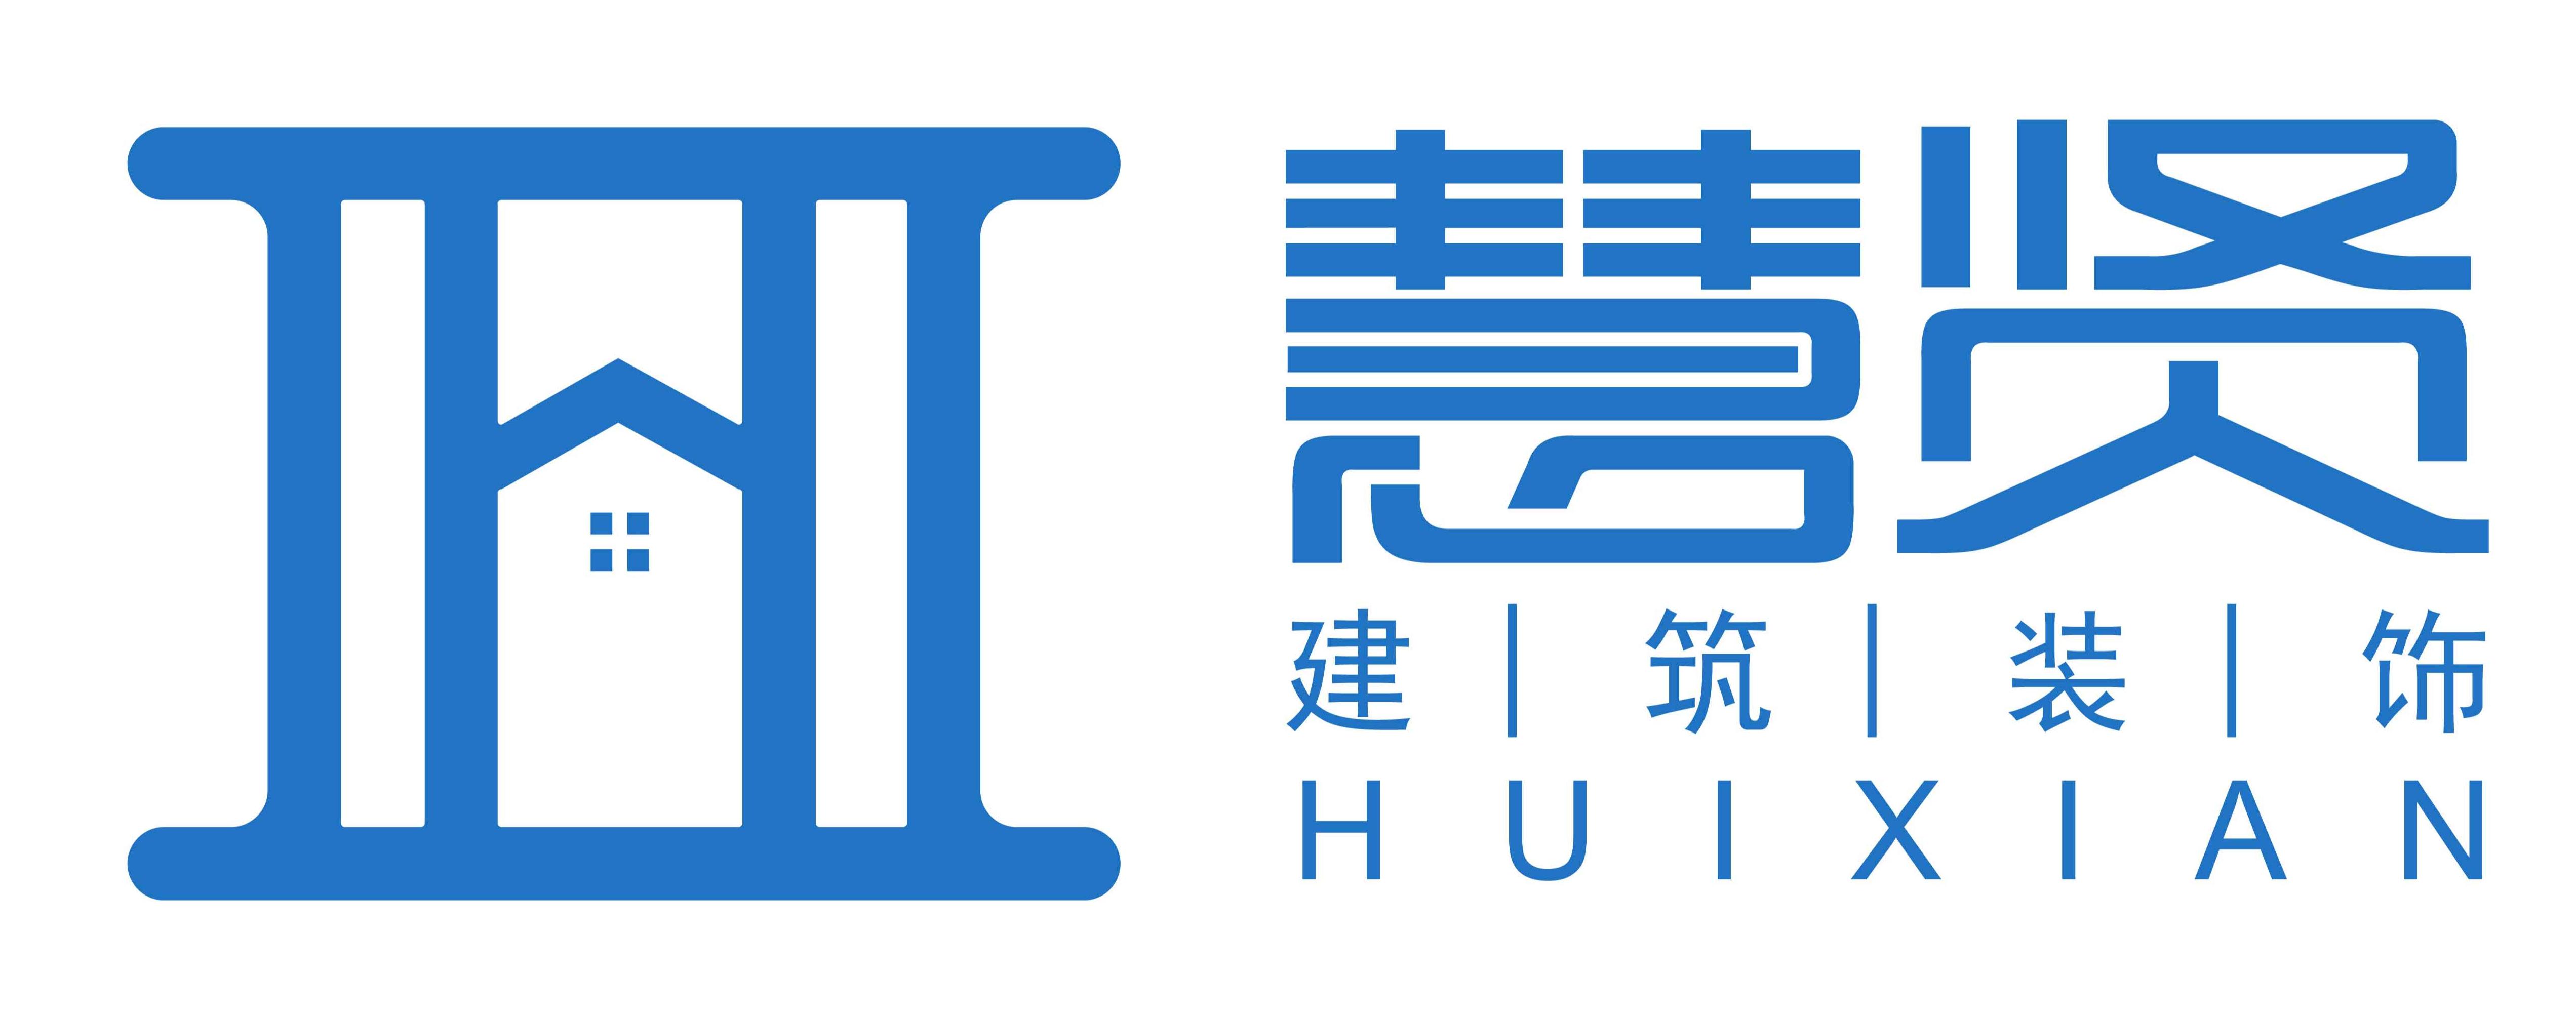 上海慧贤建筑装饰工程有限公司